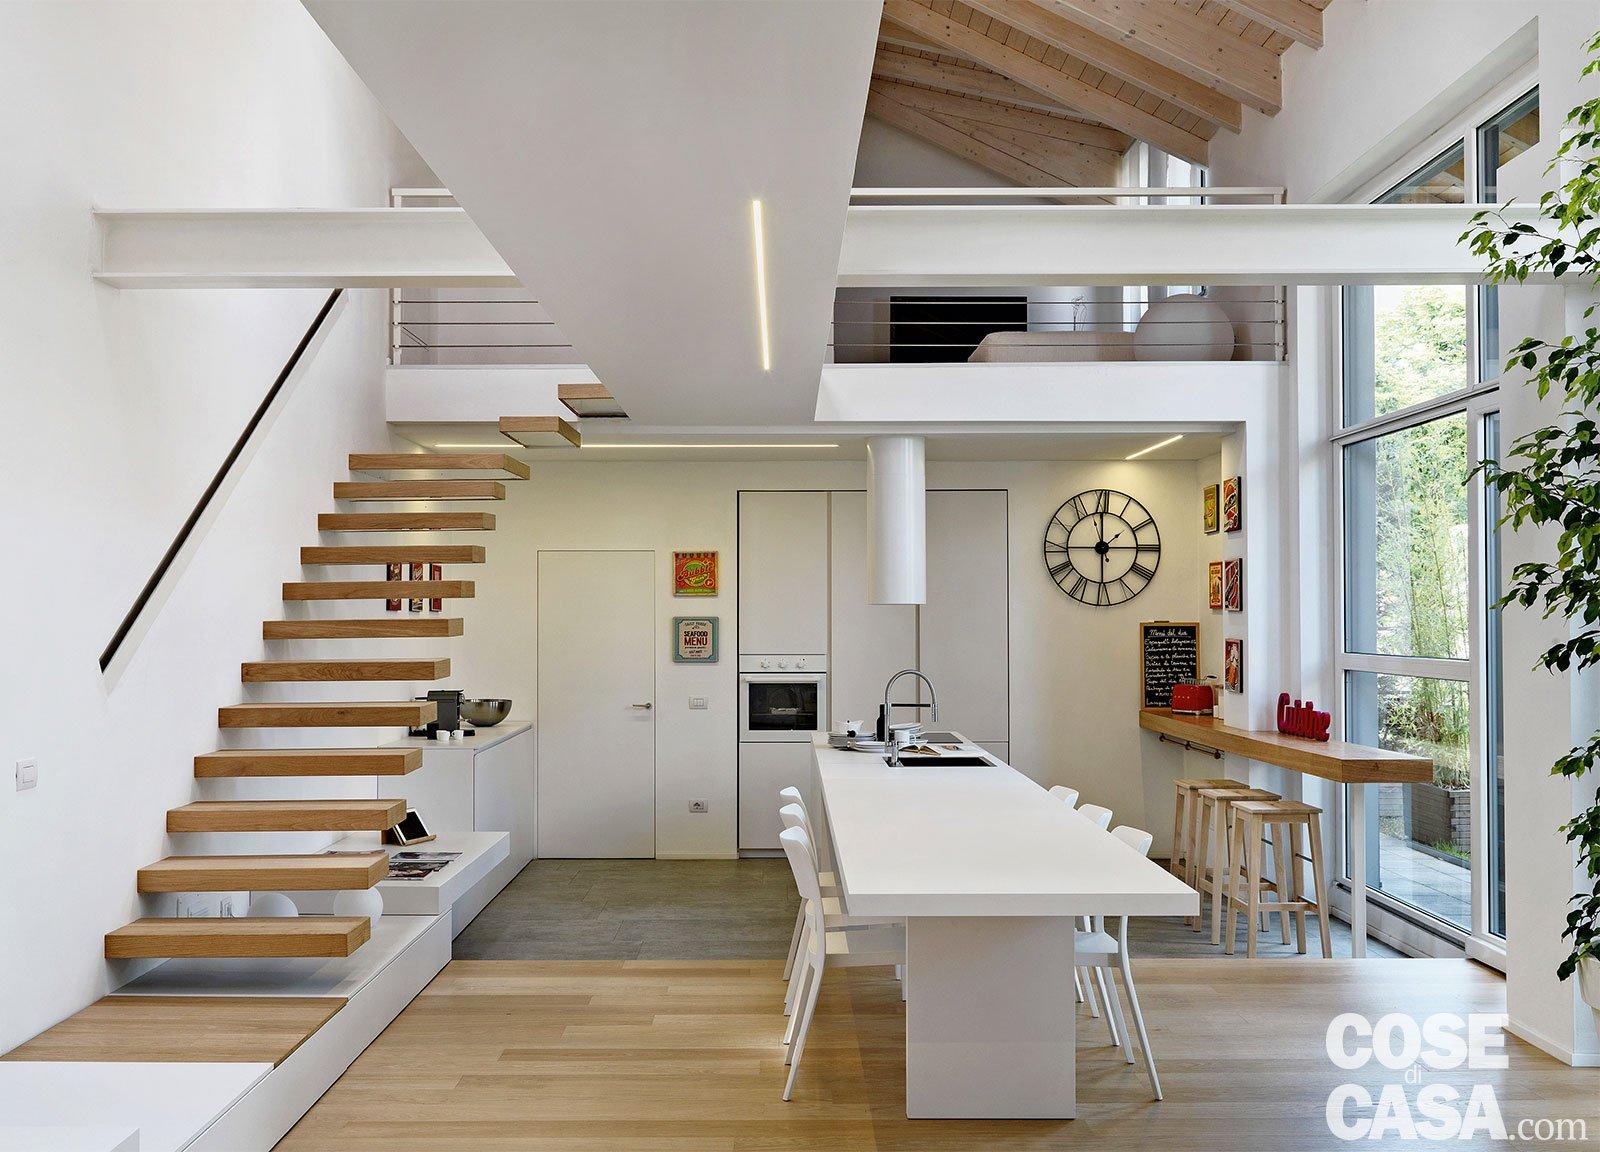 Loft una casa sottotetto a doppia altezza cose di casa - Altezza parapetto finestra ...